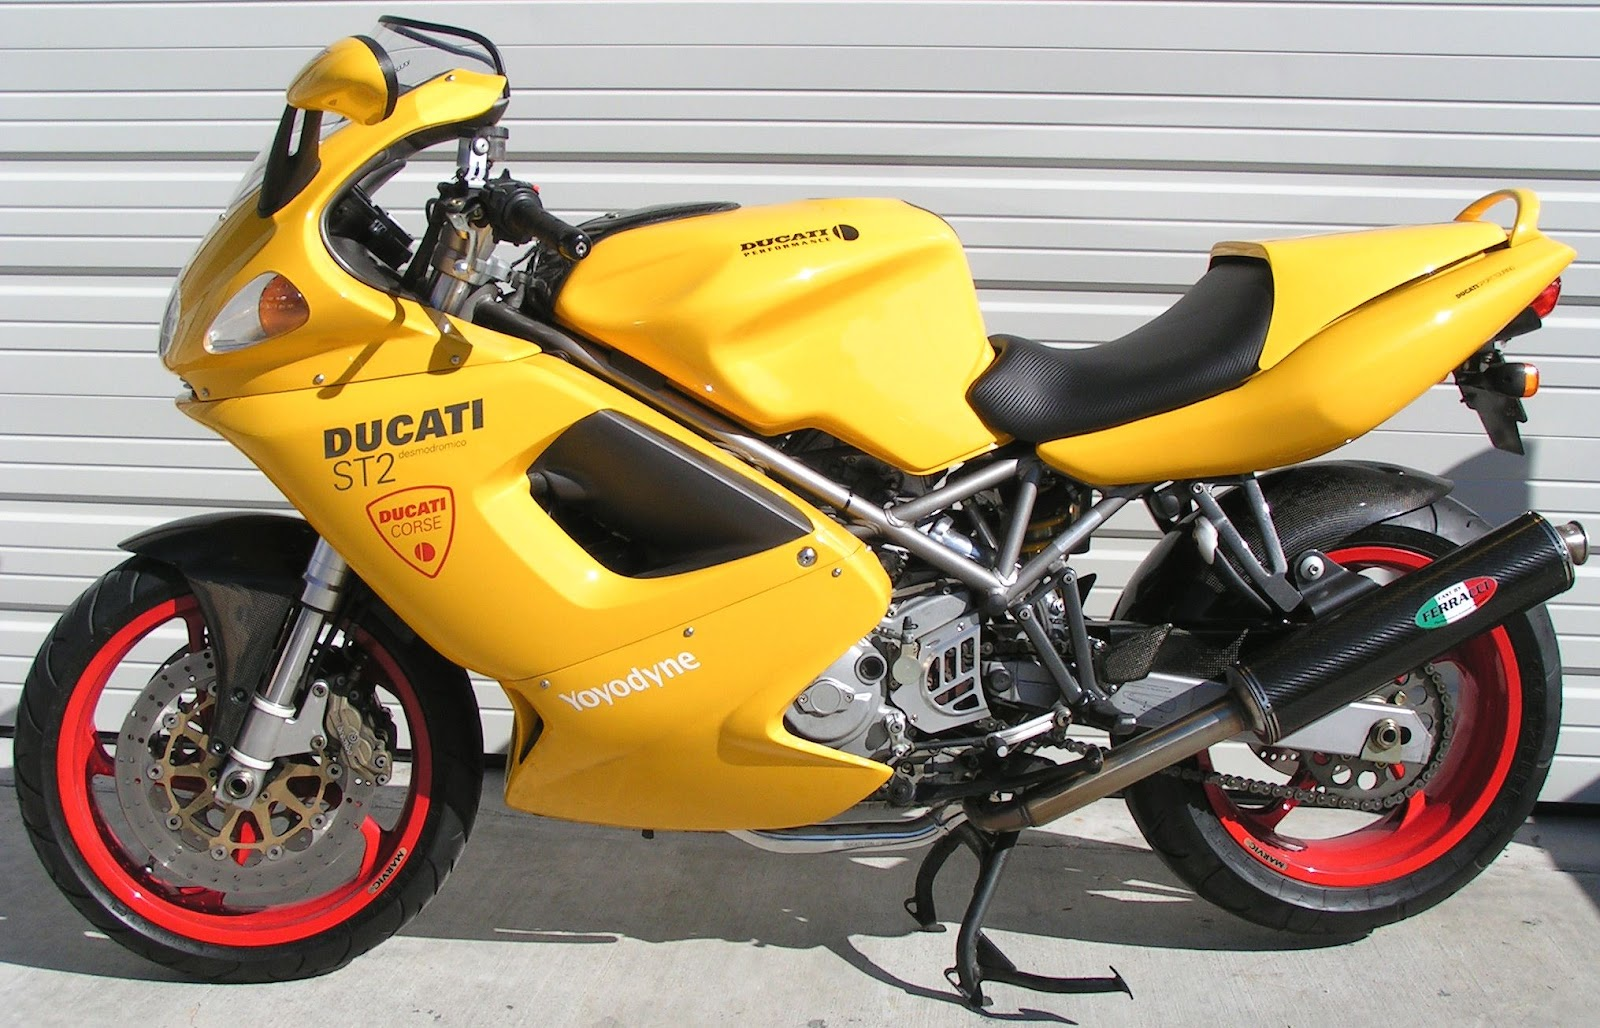 Ducati Sporttouring St2 1997